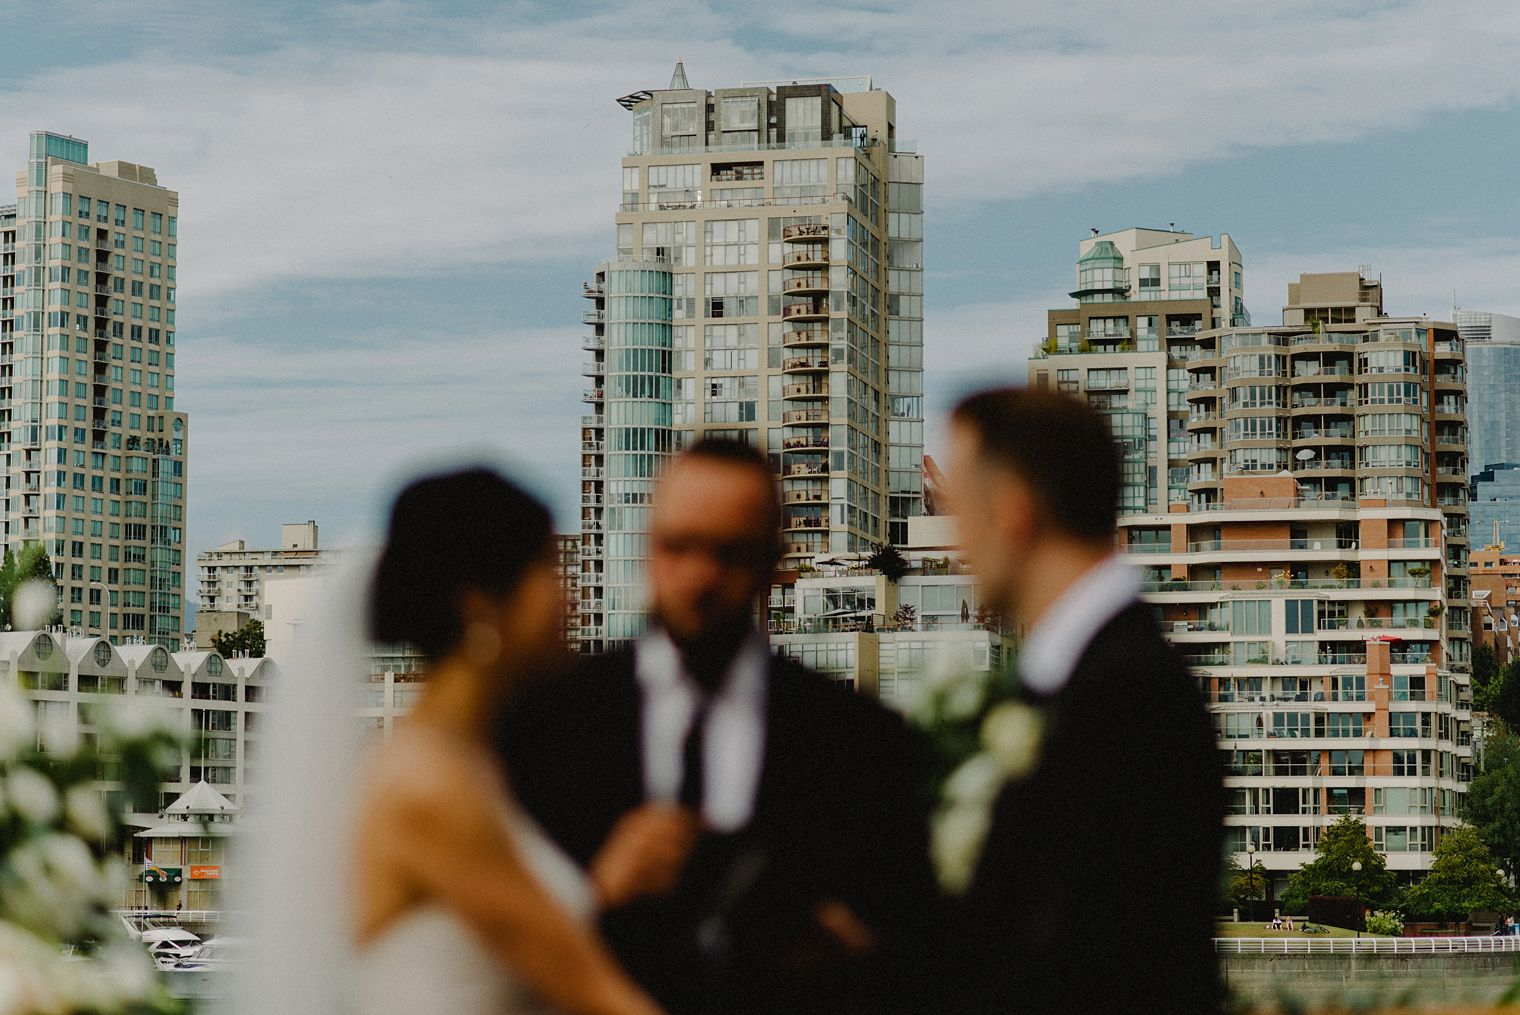 best wedding venue overlooking vancouver